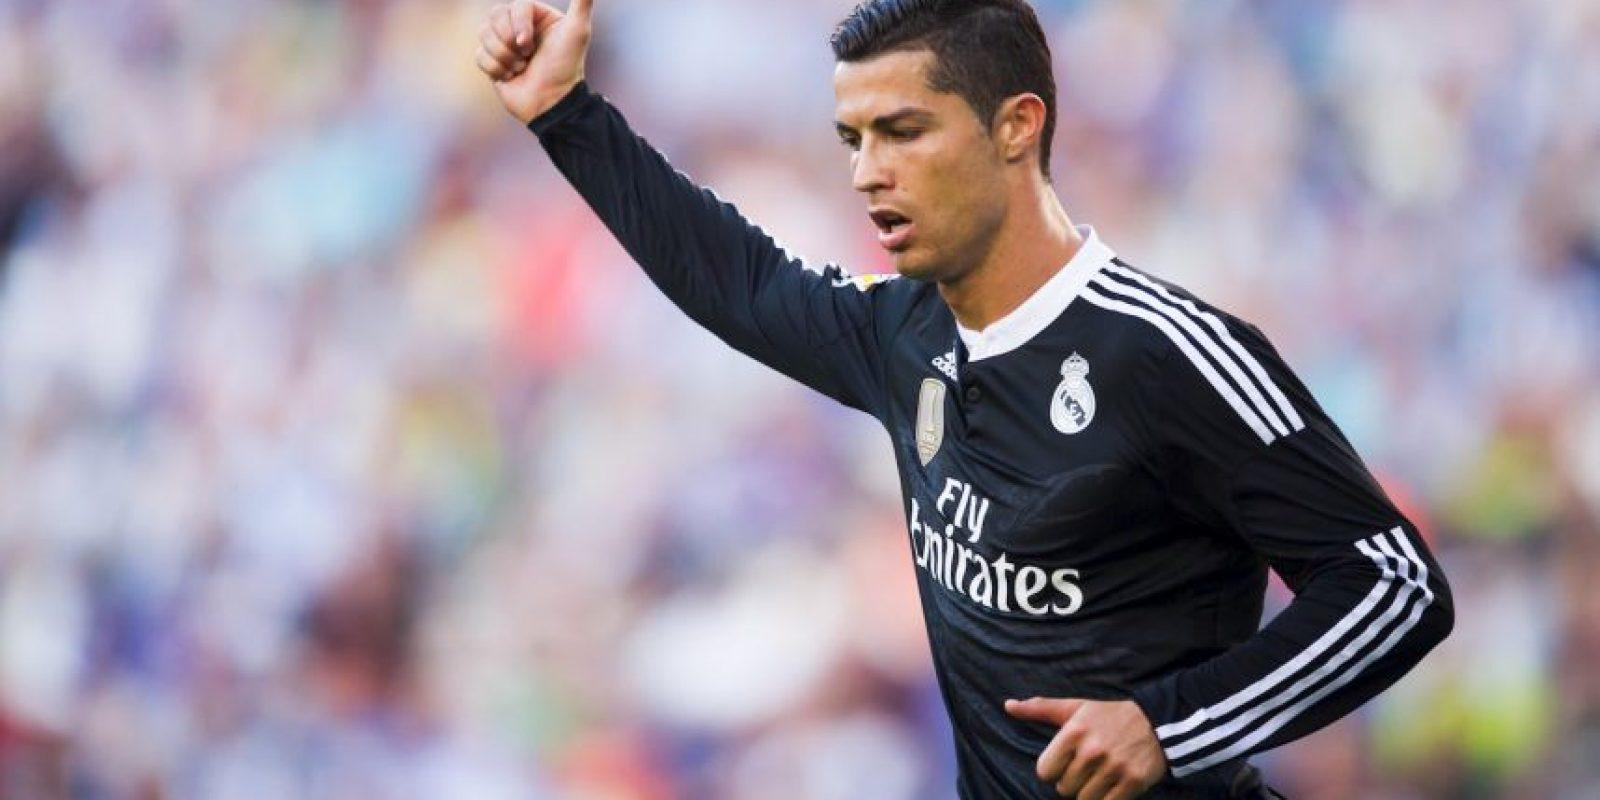 Este 2015 lleva 45 tantos en duelos de Liga a falta de un partido, y con un gol más, superará su récord de 46 dianas anotadas en 2011-2012. Foto:Getty Images